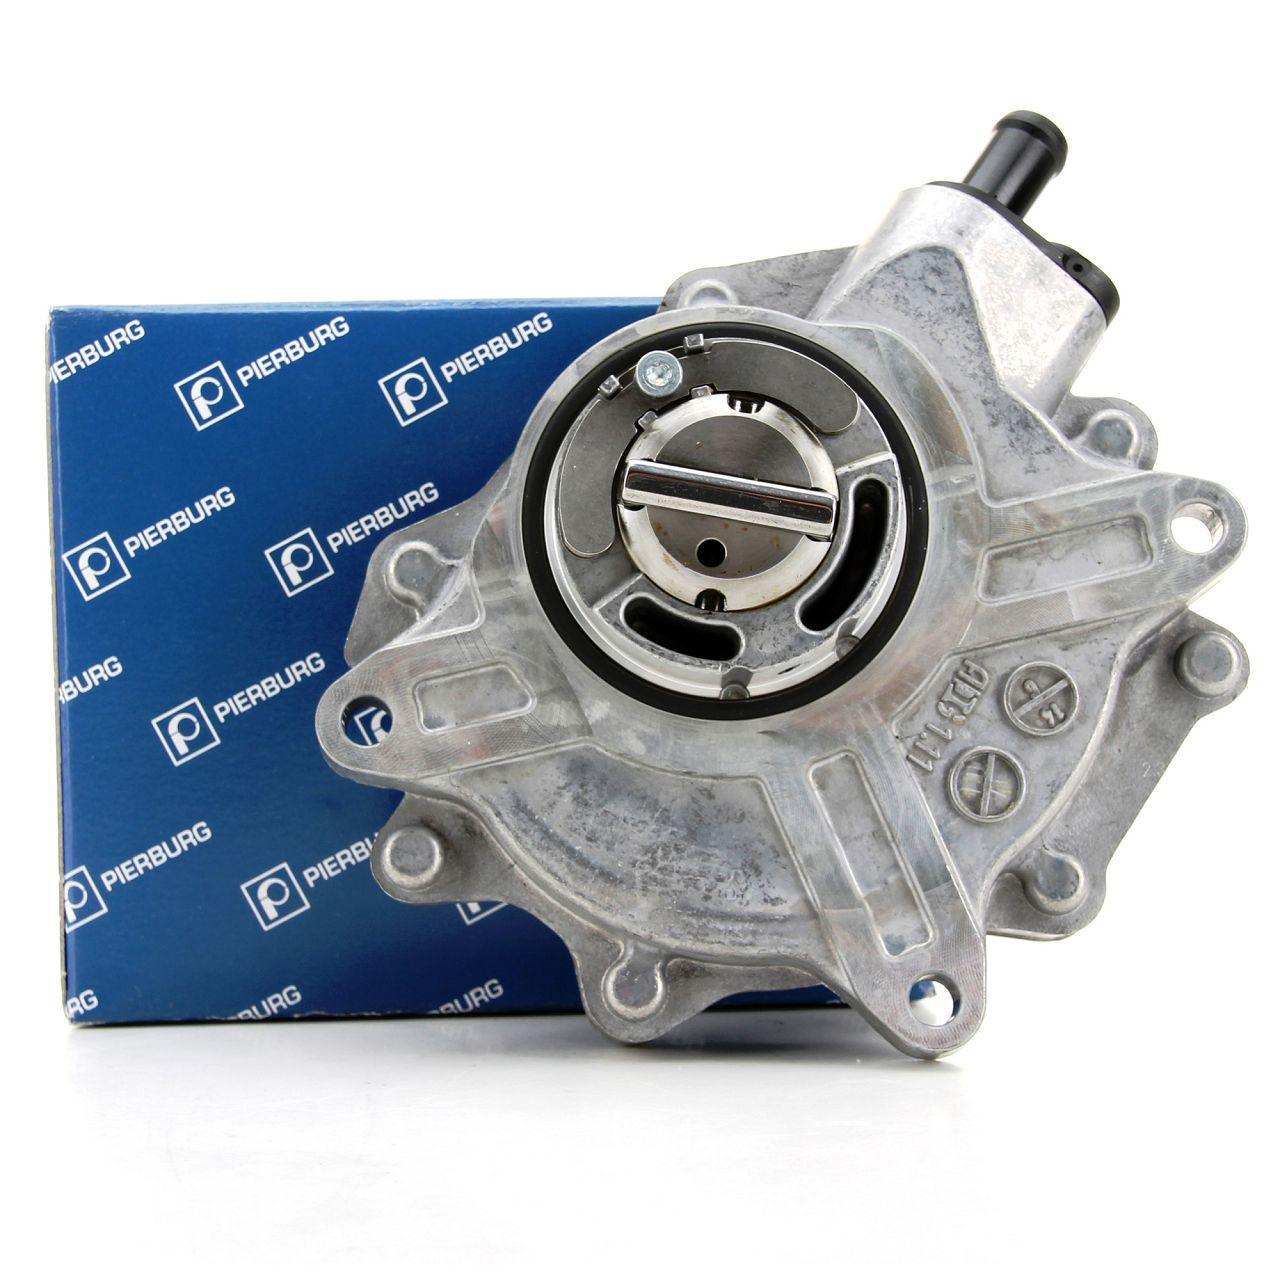 PIERBURG Vakuumpumpe Unterdruckpumpe für BMW 1er E81 3er E46 E90/91/92/93 X3 Z4